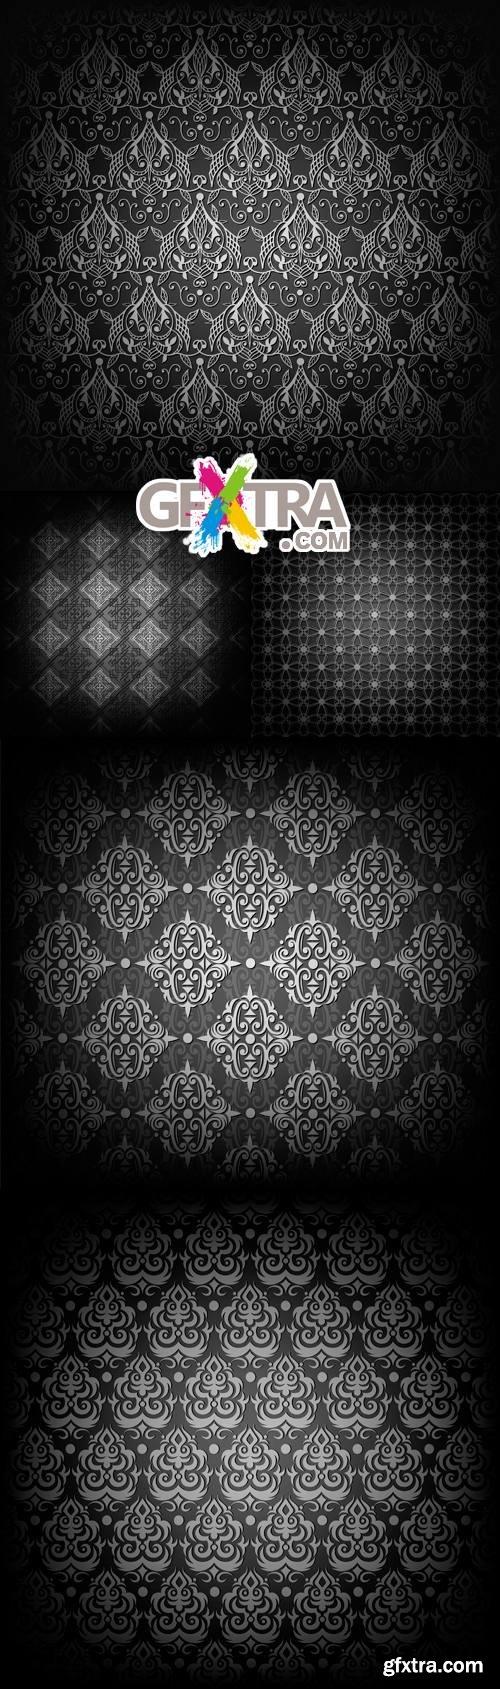 Black Floral Patterns Vector